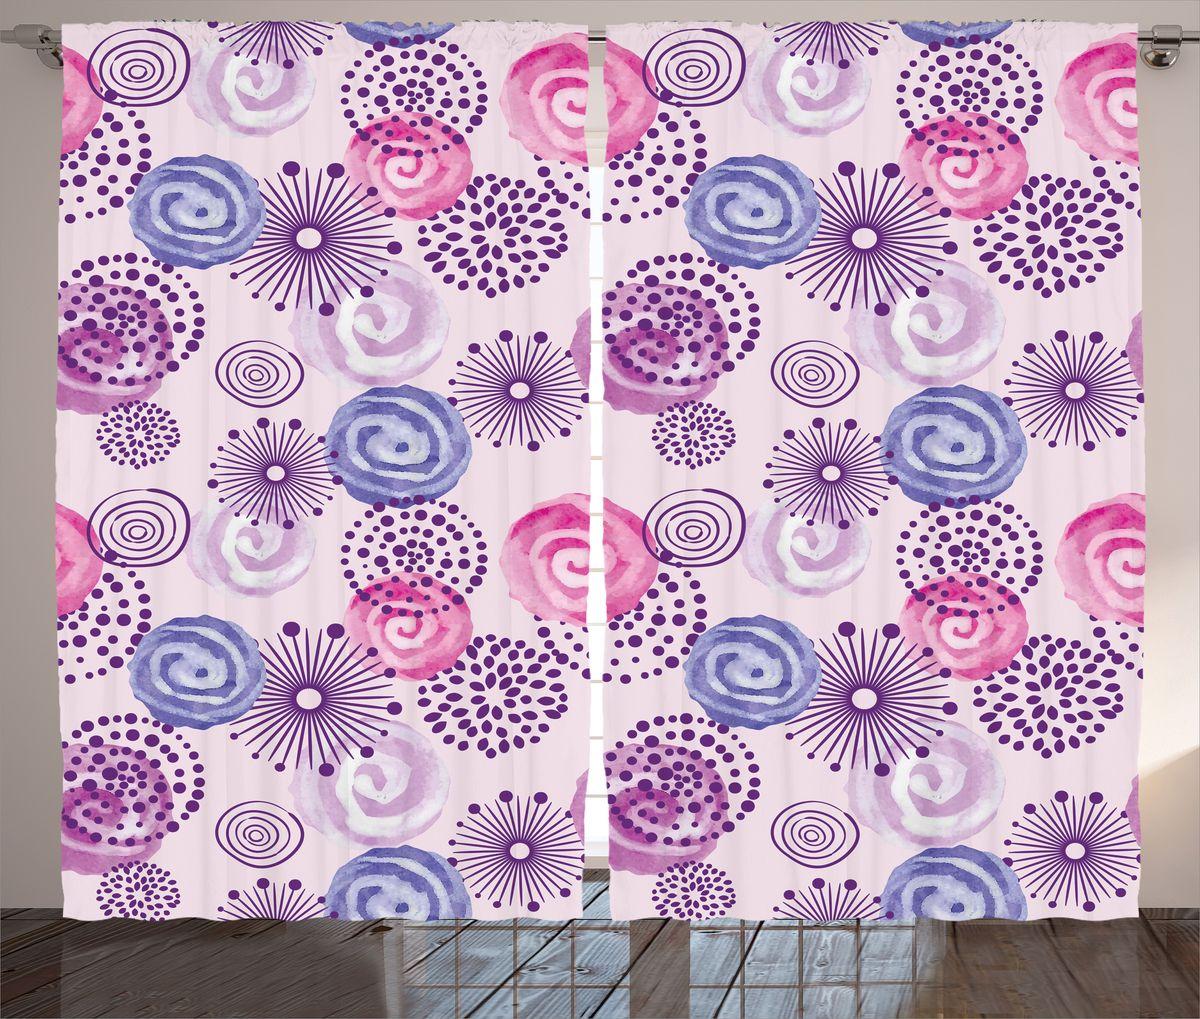 Комплект фотоштор Magic Lady Узор с цветными завитками, на ленте, высота 265 см. шсг_16806СД-00600-ФШ-ГБ-001Компания Сэмболь изготавливает шторы из высококачественного сатена (полиэстер 100%). При изготовлении используются специальные гипоаллергенные чернила для прямой печати по ткани, безопасные для человека и животных. Экологичность продукции Magic lady и безопасность для окружающей среды подтверждены сертификатом Oeko-Tex Standard 100. Крепление: крючки для крепления на шторной ленте (50 шт). Возможно крепление на трубу. Внимание! При нанесении сублимационной печати на ткань технологическим методом при температуре 240°С, возможно отклонение полученных размеров (указанных на этикетке и сайте) от стандартных на + - 3-5 см. Производитель старается максимально точно передать цвета изделия на фотографиях, однако искажения неизбежны и фактический цвет изделия может отличаться от воспринимаемого по фото. Обратите внимание! Шторы изготовлены из полиэстра сатенового переплетения, а не из сатина (хлопок). Размер одного полотна шторы: 145х265 см. В комплекте 2 полотна шторы и 50 крючков.